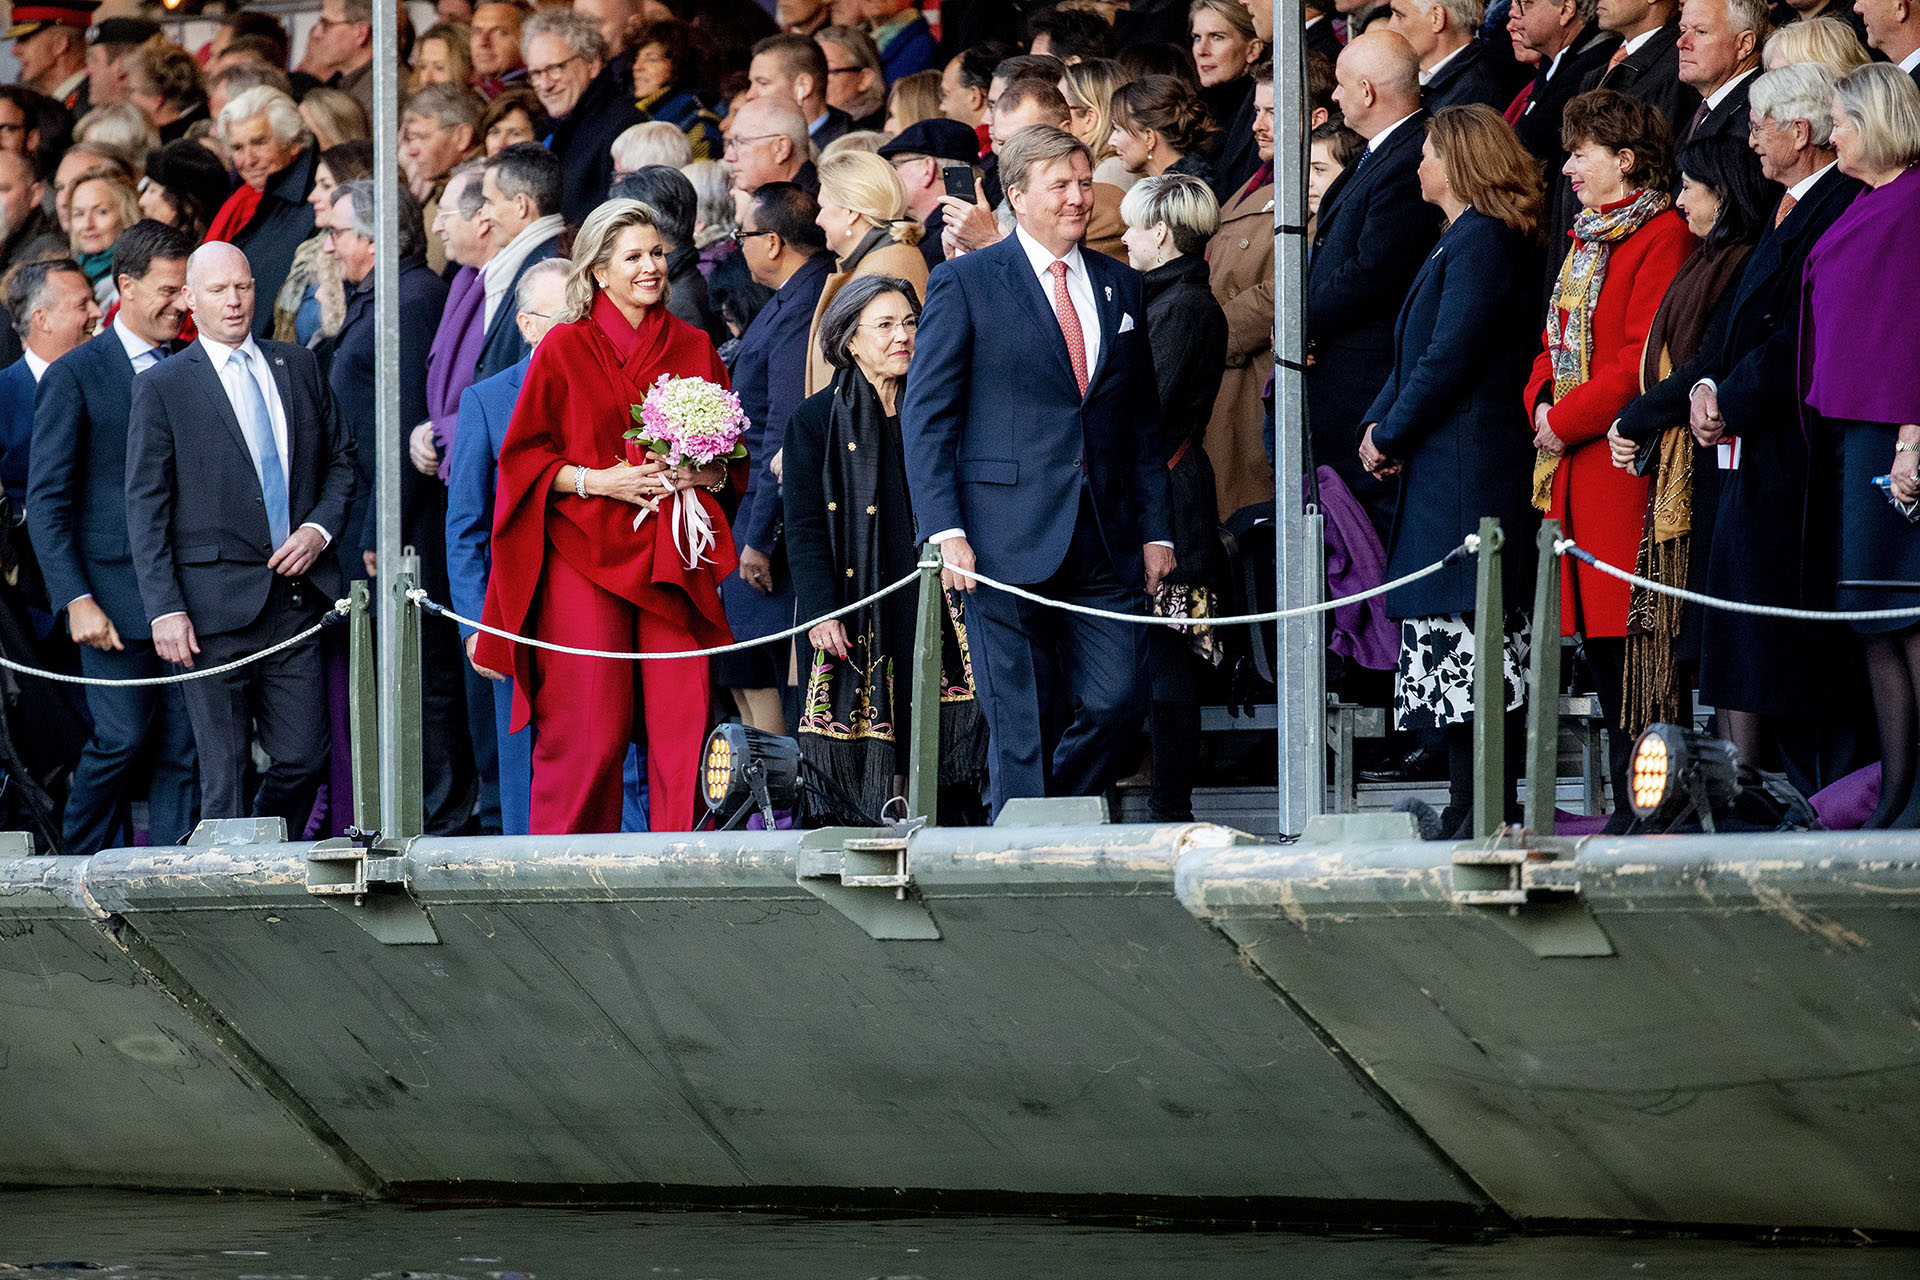 Al igual que el día anterior, la reina se protegió del frío con una amplia capa